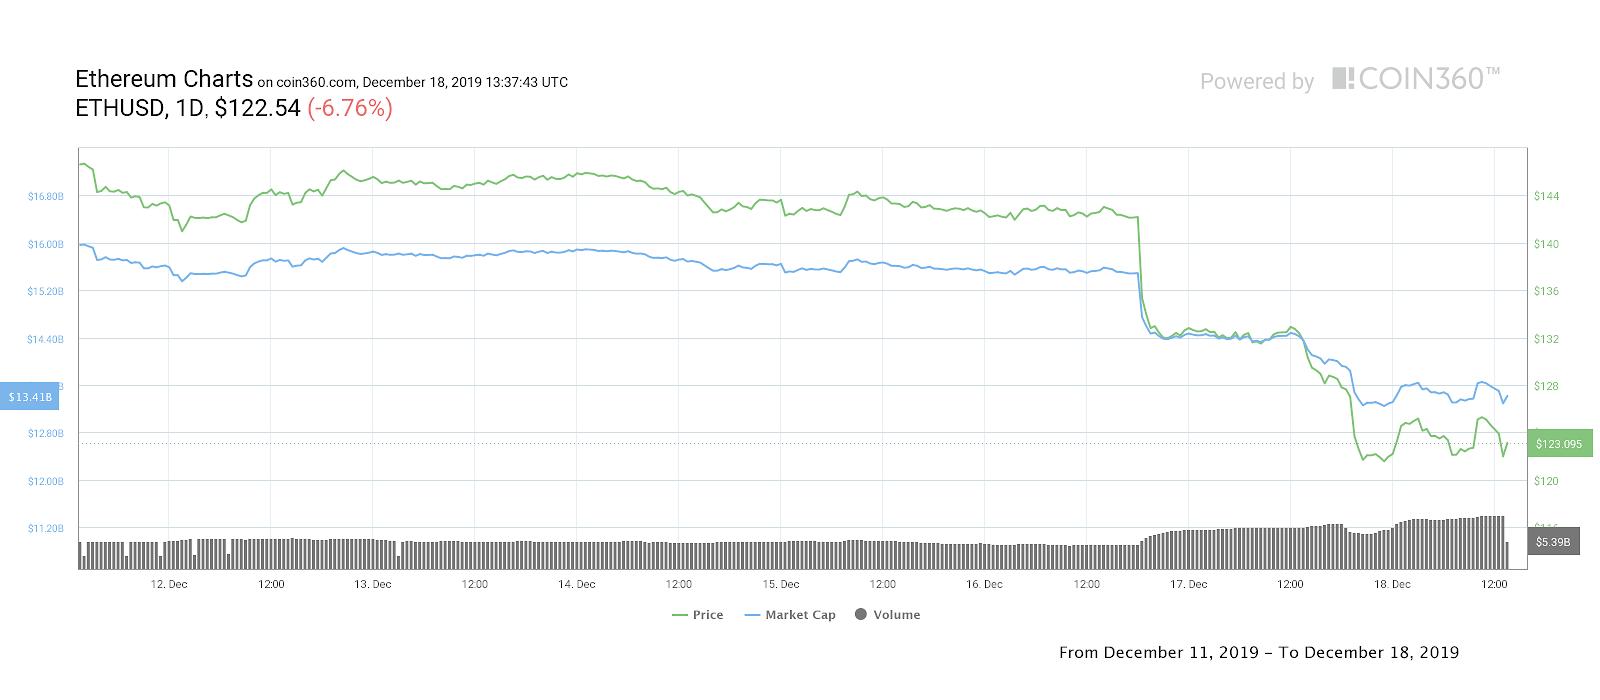 Эфир 7-дневный ценовой график.  Источник: Coin360